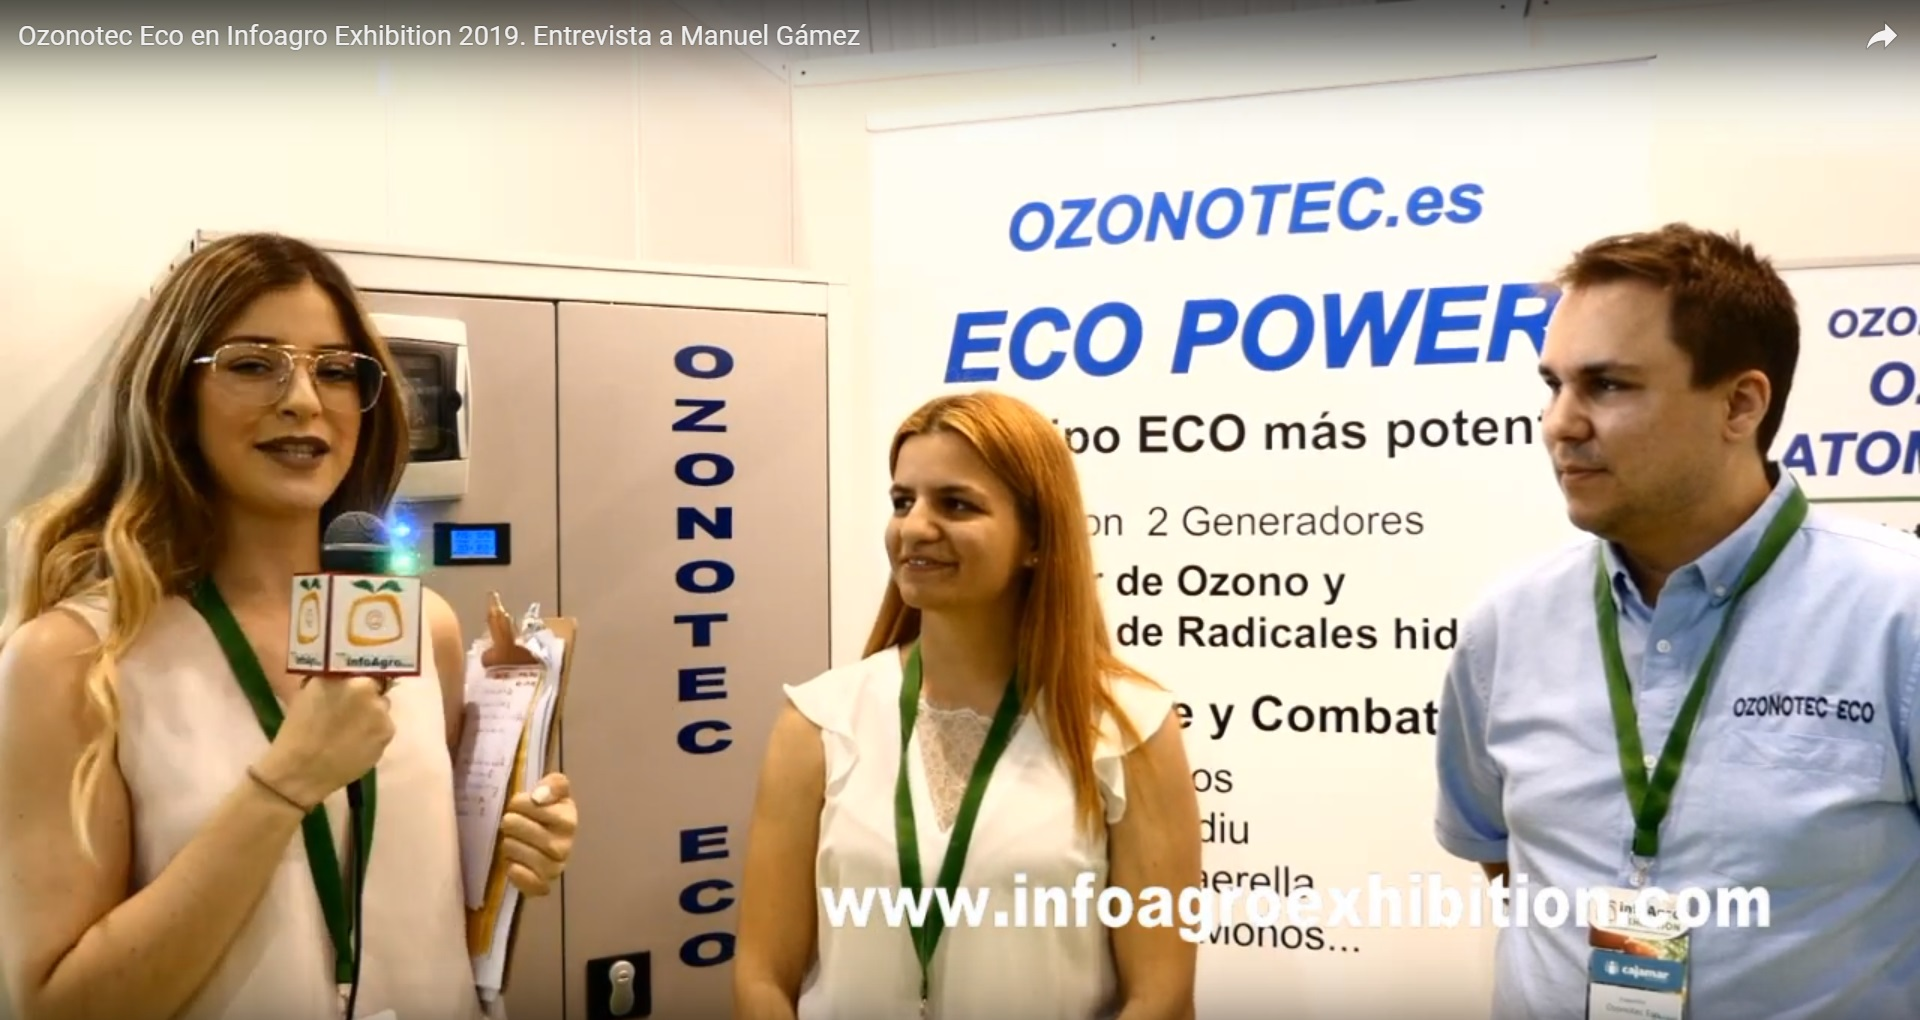 Entrevista en Info Agro Almeria